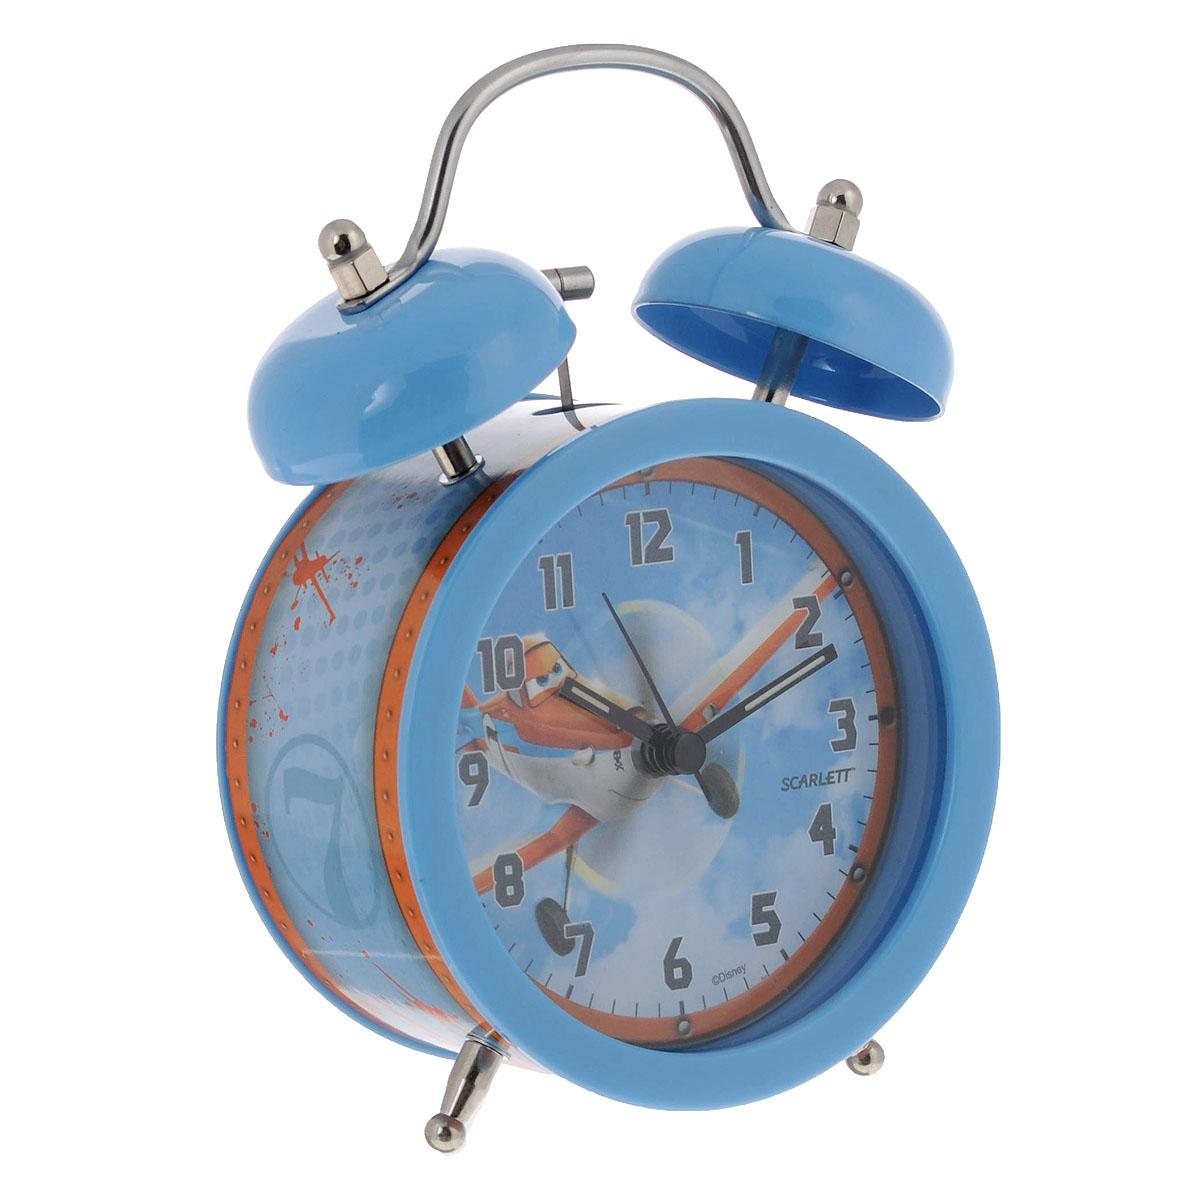 Будильник Scarlett Самолеты, цвет: голубой. SC-ACD05PLSC-ACD05PLБудильник Scarlett Тачки с надежным кварцевым механизмом - это не только функциональное устройство, но и оригинальный элемент декора, который великолепно впишется в интерьер детской комнаты. Он снабжен четырьмя стрелками: часовой, минутной, секундной и стрелкой завода. Циферблат оформлен изображением Дасти из мультфильма Самолеты.Сверху будильника располагается механический звонок.Время включения будильника устанавливается колесиком, затем необходимо перевести переключатель в положение On. Сигнал будильника механический, работает до его отключения. Для этого необходимо перевести переключатель в положение Off.Отличительной особенностью этого будильника является то, что он обладает плавным, бесшумным ходом. В комплект входит инструкция по эксплуатации на русском языке.Порадуйте своего ребенка таким замечательным подарком!Не рекомендуется детям до 3-х лет. Необходимо докупить 1 батарейку напряжением 1,5V типа АА (не входит в комплект).